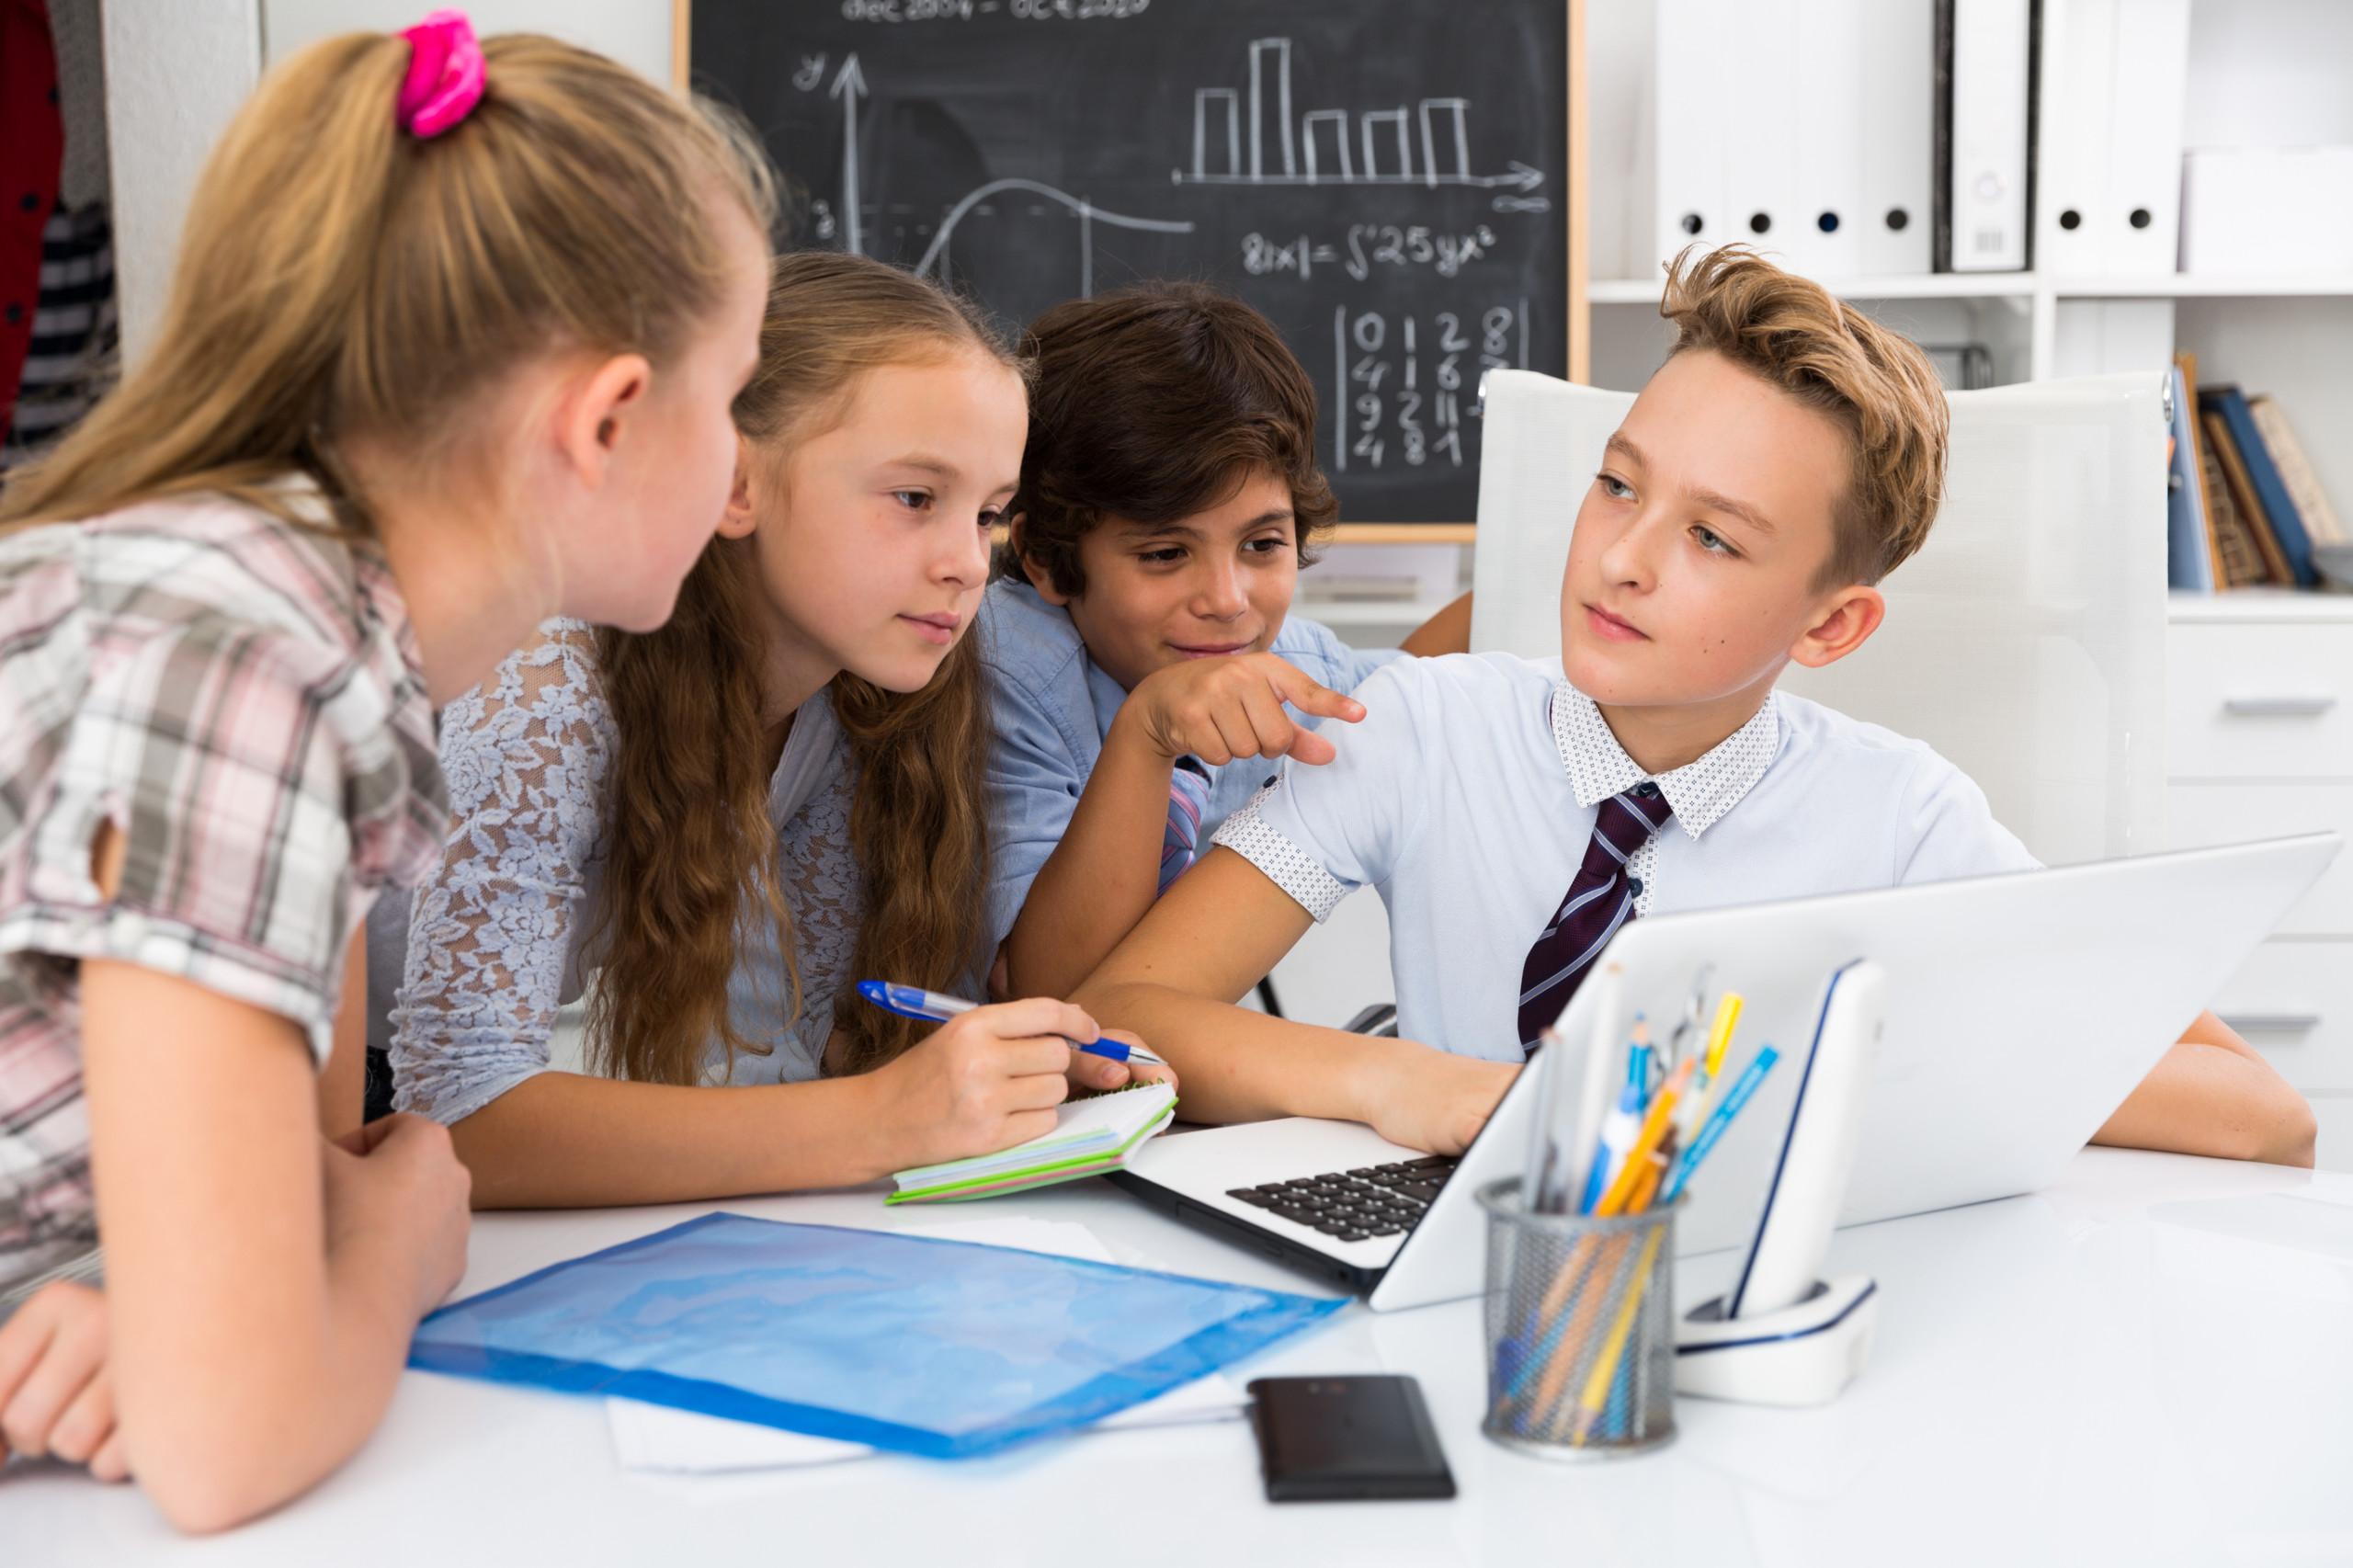 Kids Doing Digital Math